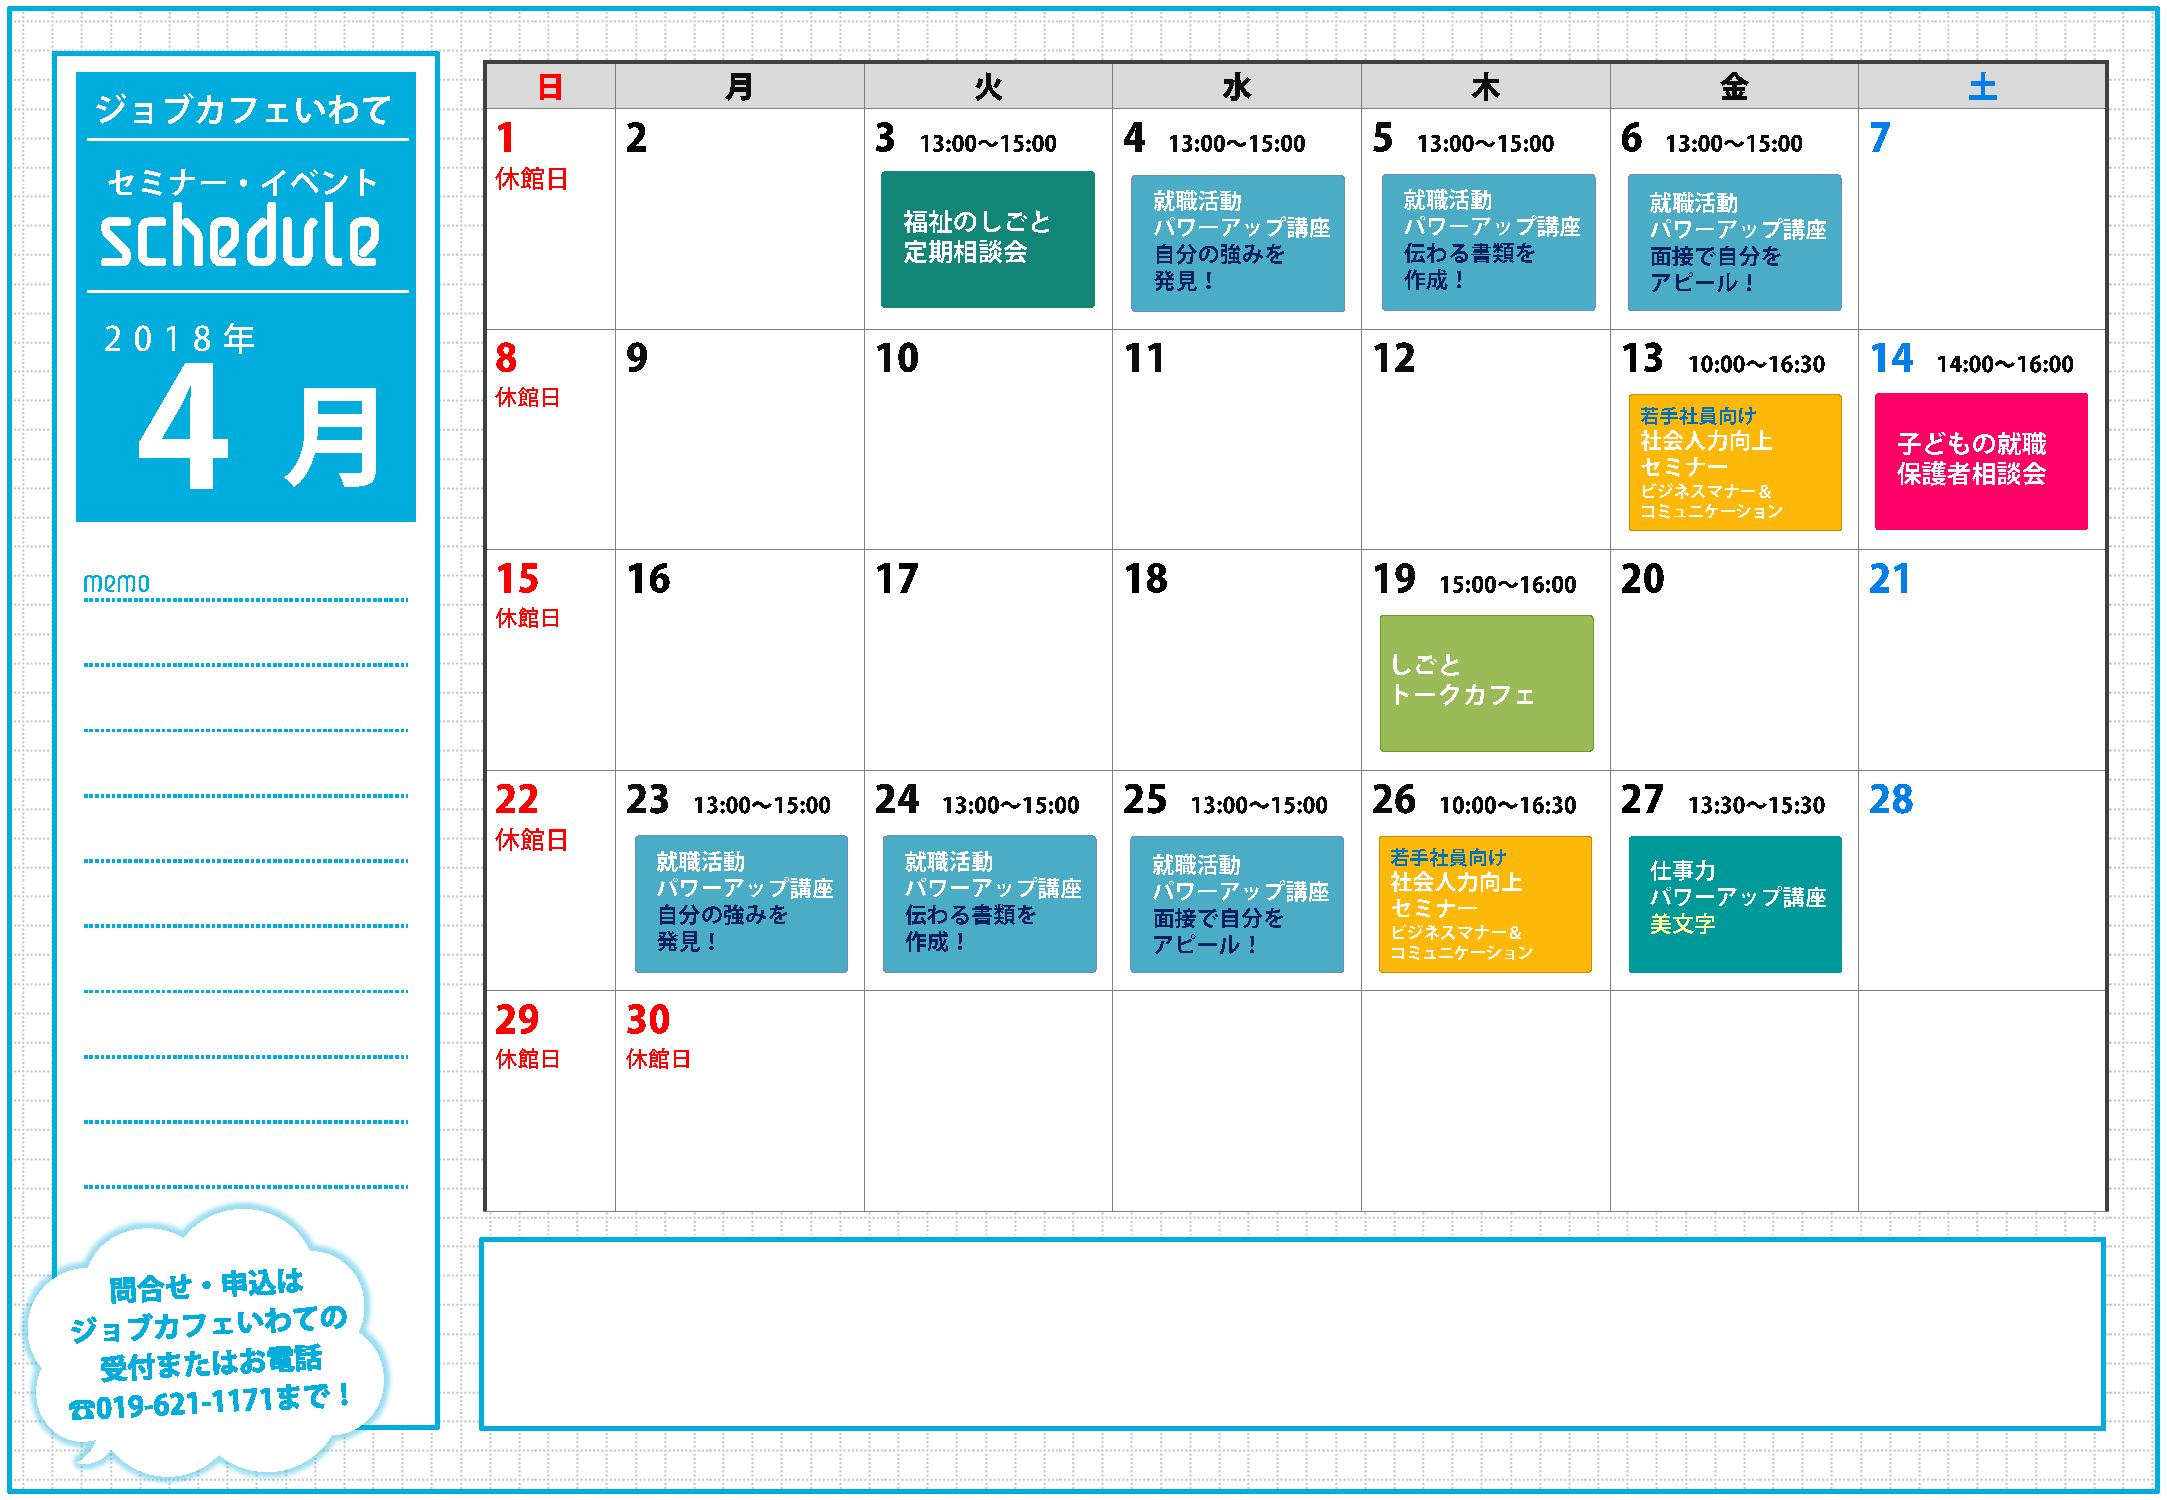 【カラー印刷用】セミナーイベント月毎スケジュールシート30年4月